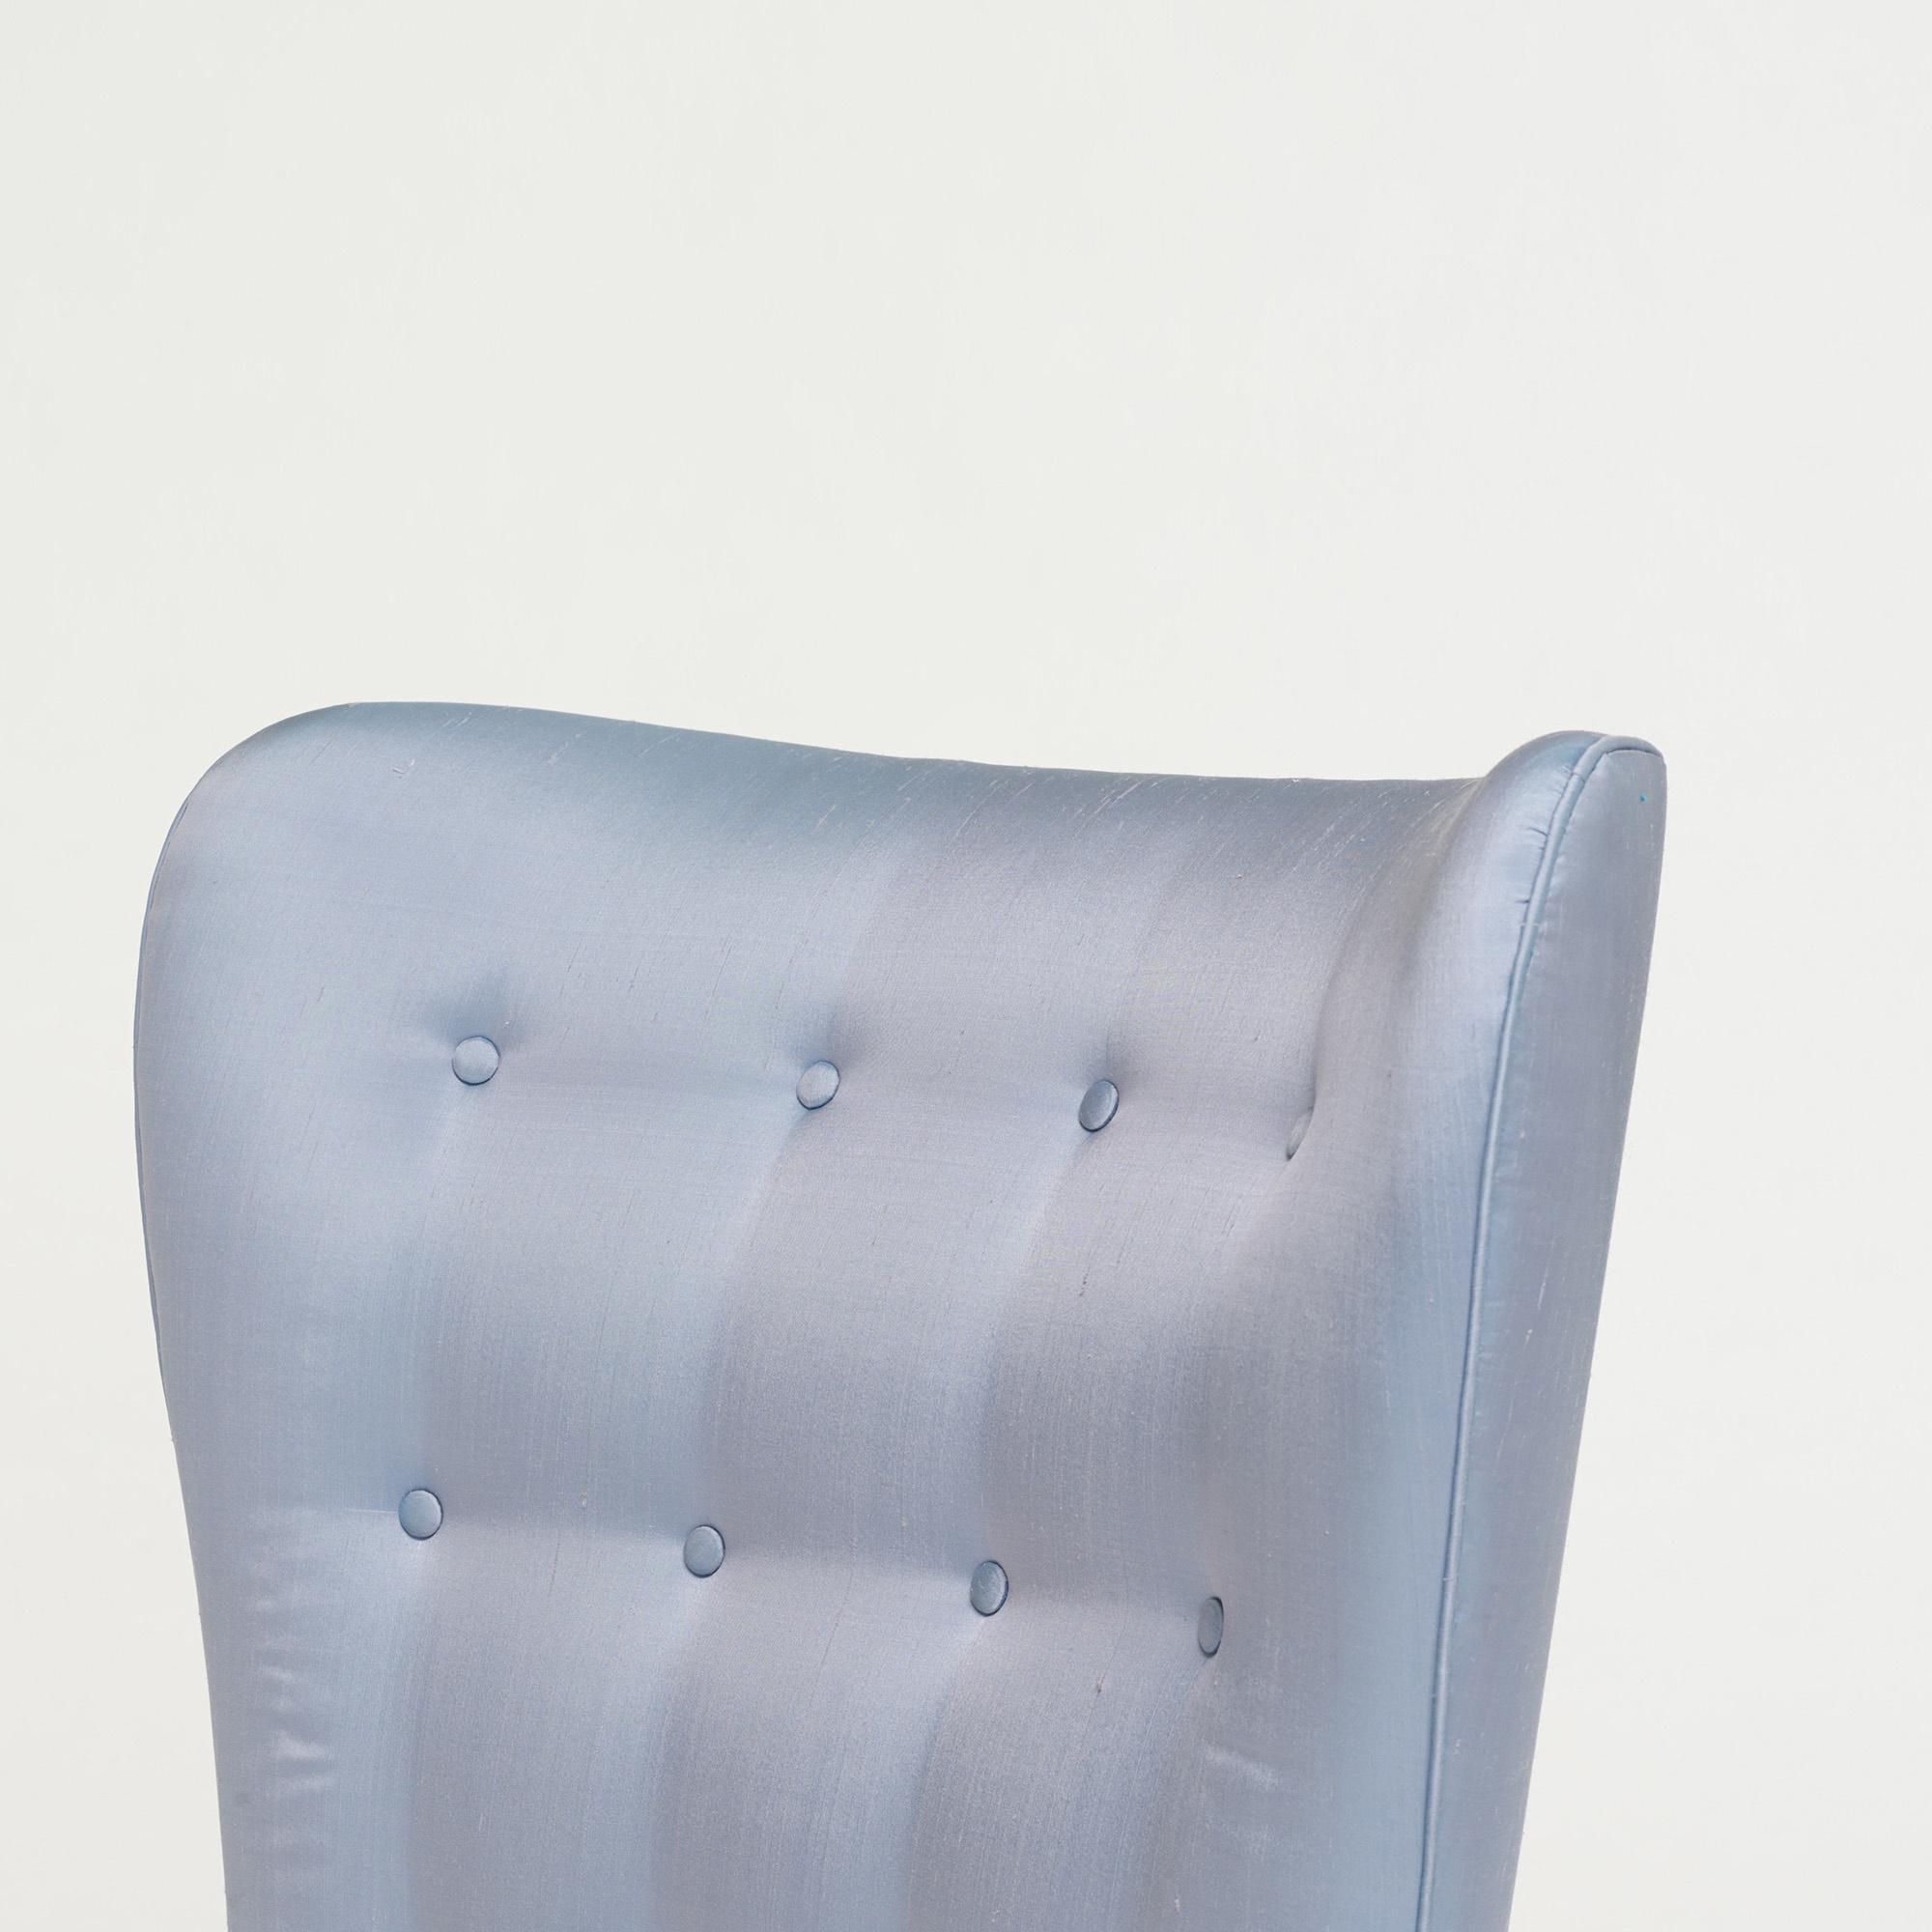 Nett Design Sofa Plat Von Arketipo Mit Integriertem Regal Und ...